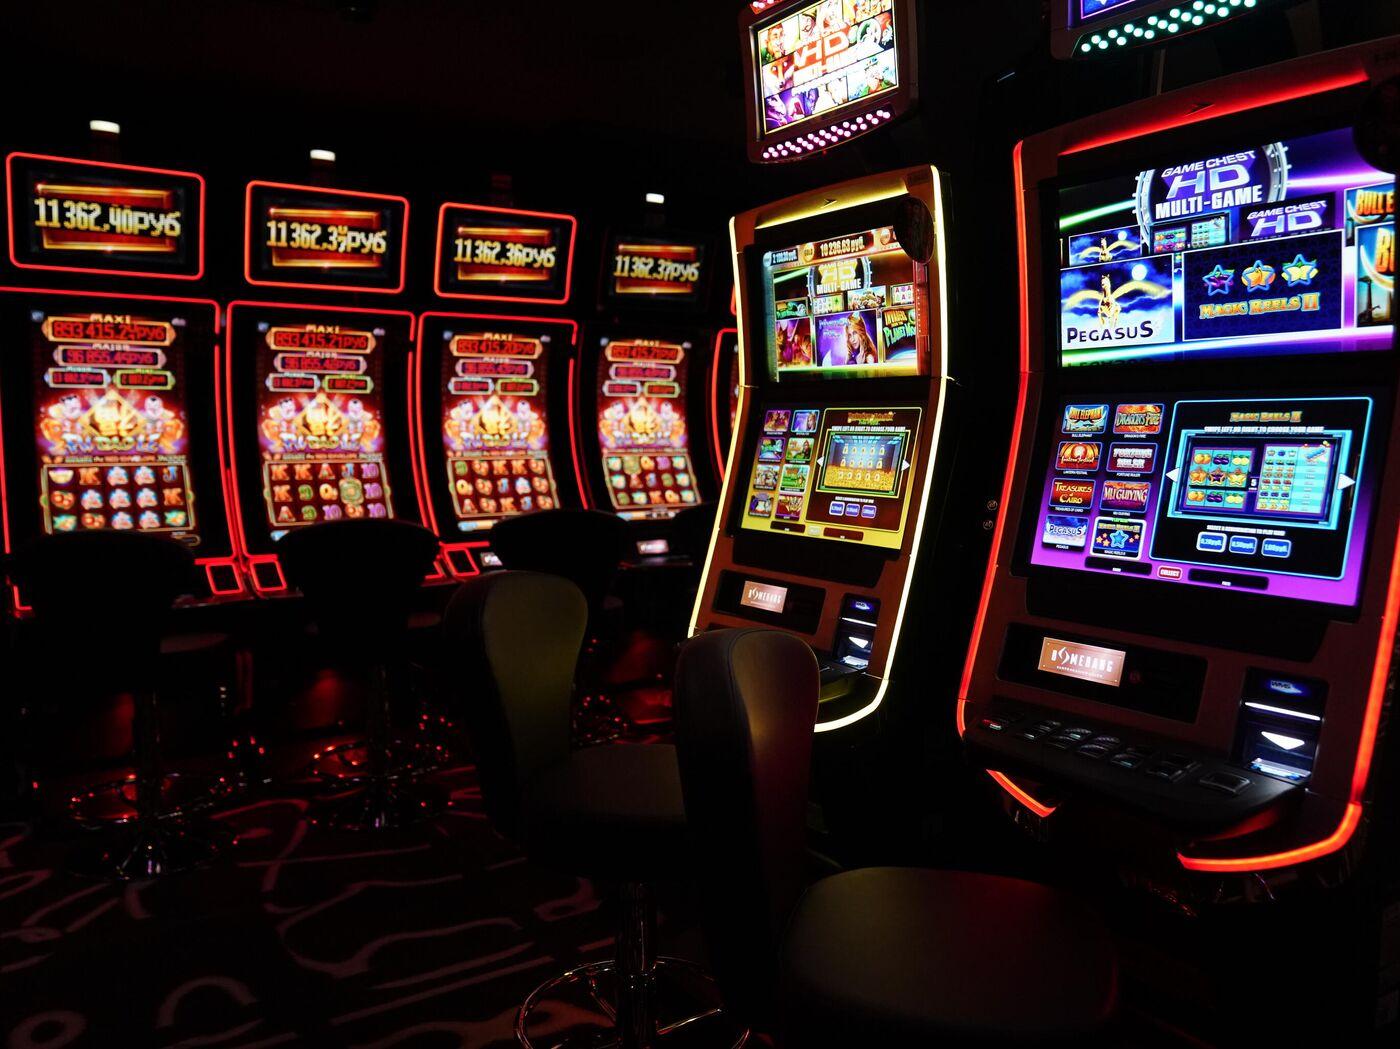 Путин игровые автоматы играть на деньги онлайн автоматы беларусь